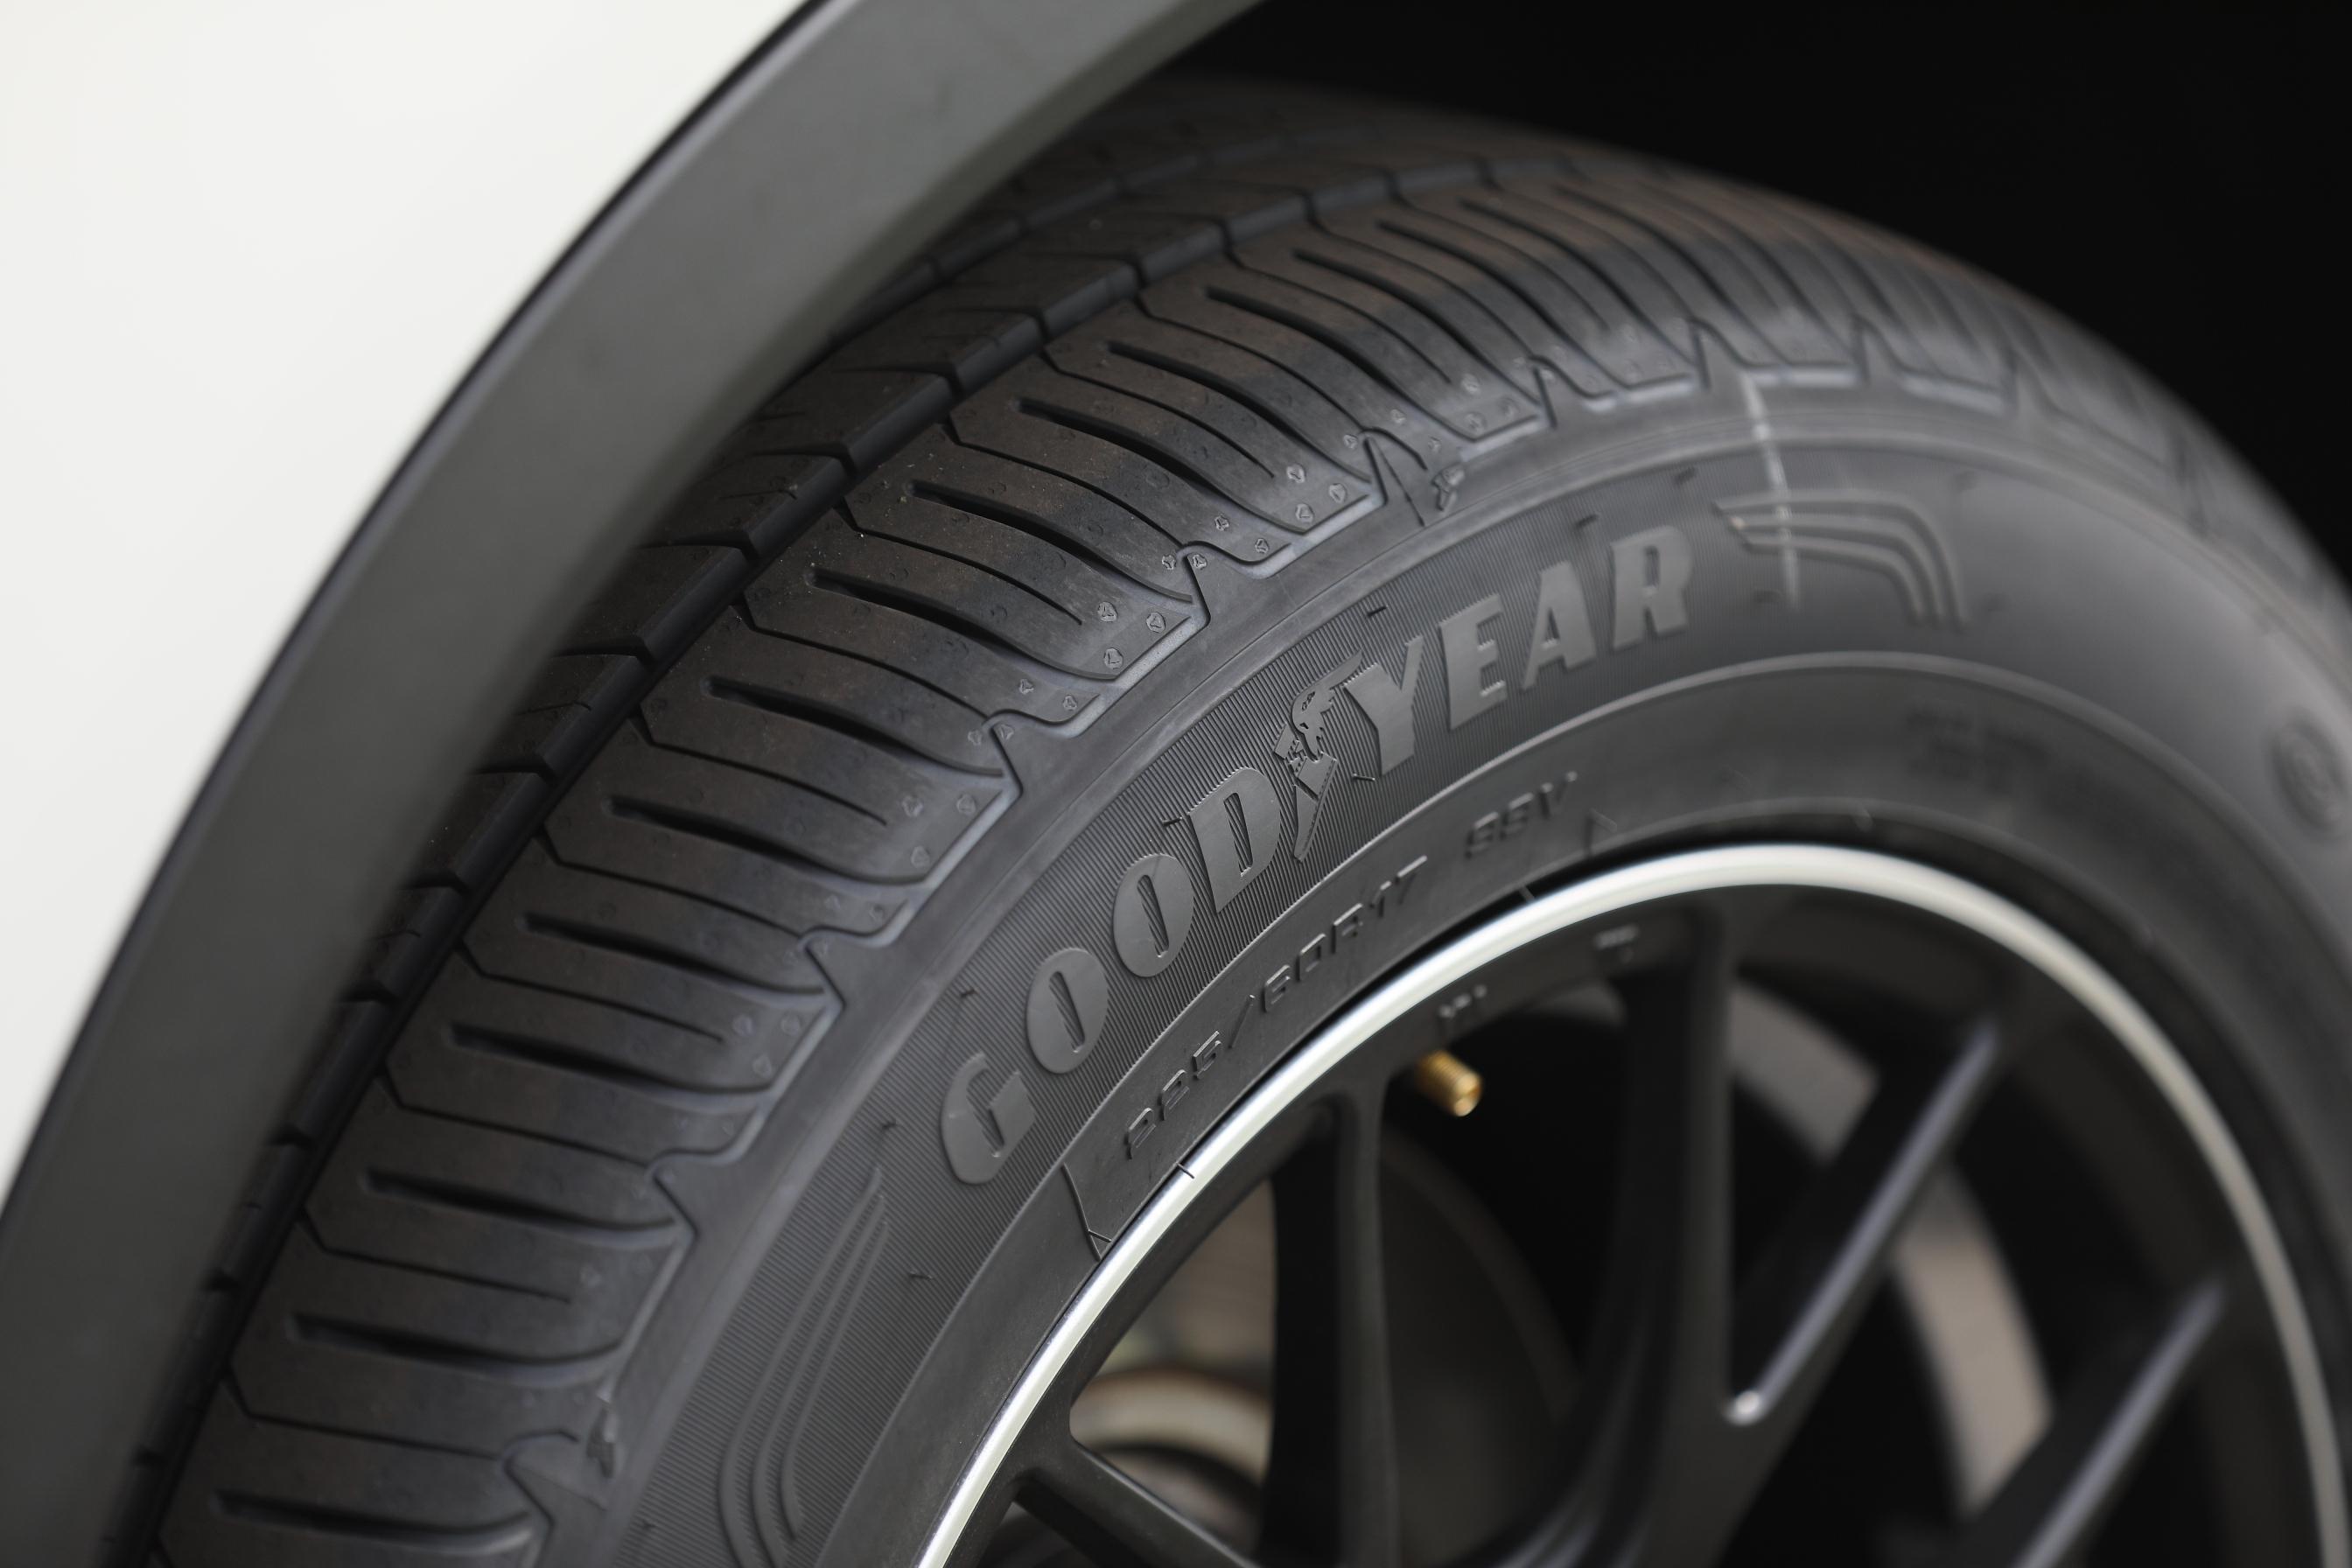 5 新一代SUV輪胎比前一代產品,擁有更佳的濕地性能(更短的濕地煞停距離,較佳的排水設計,較優的濕地操控),更精準的操控(較佳的乾地操控、濕地操控)以及更佳的省油表現(較低的油量消耗)